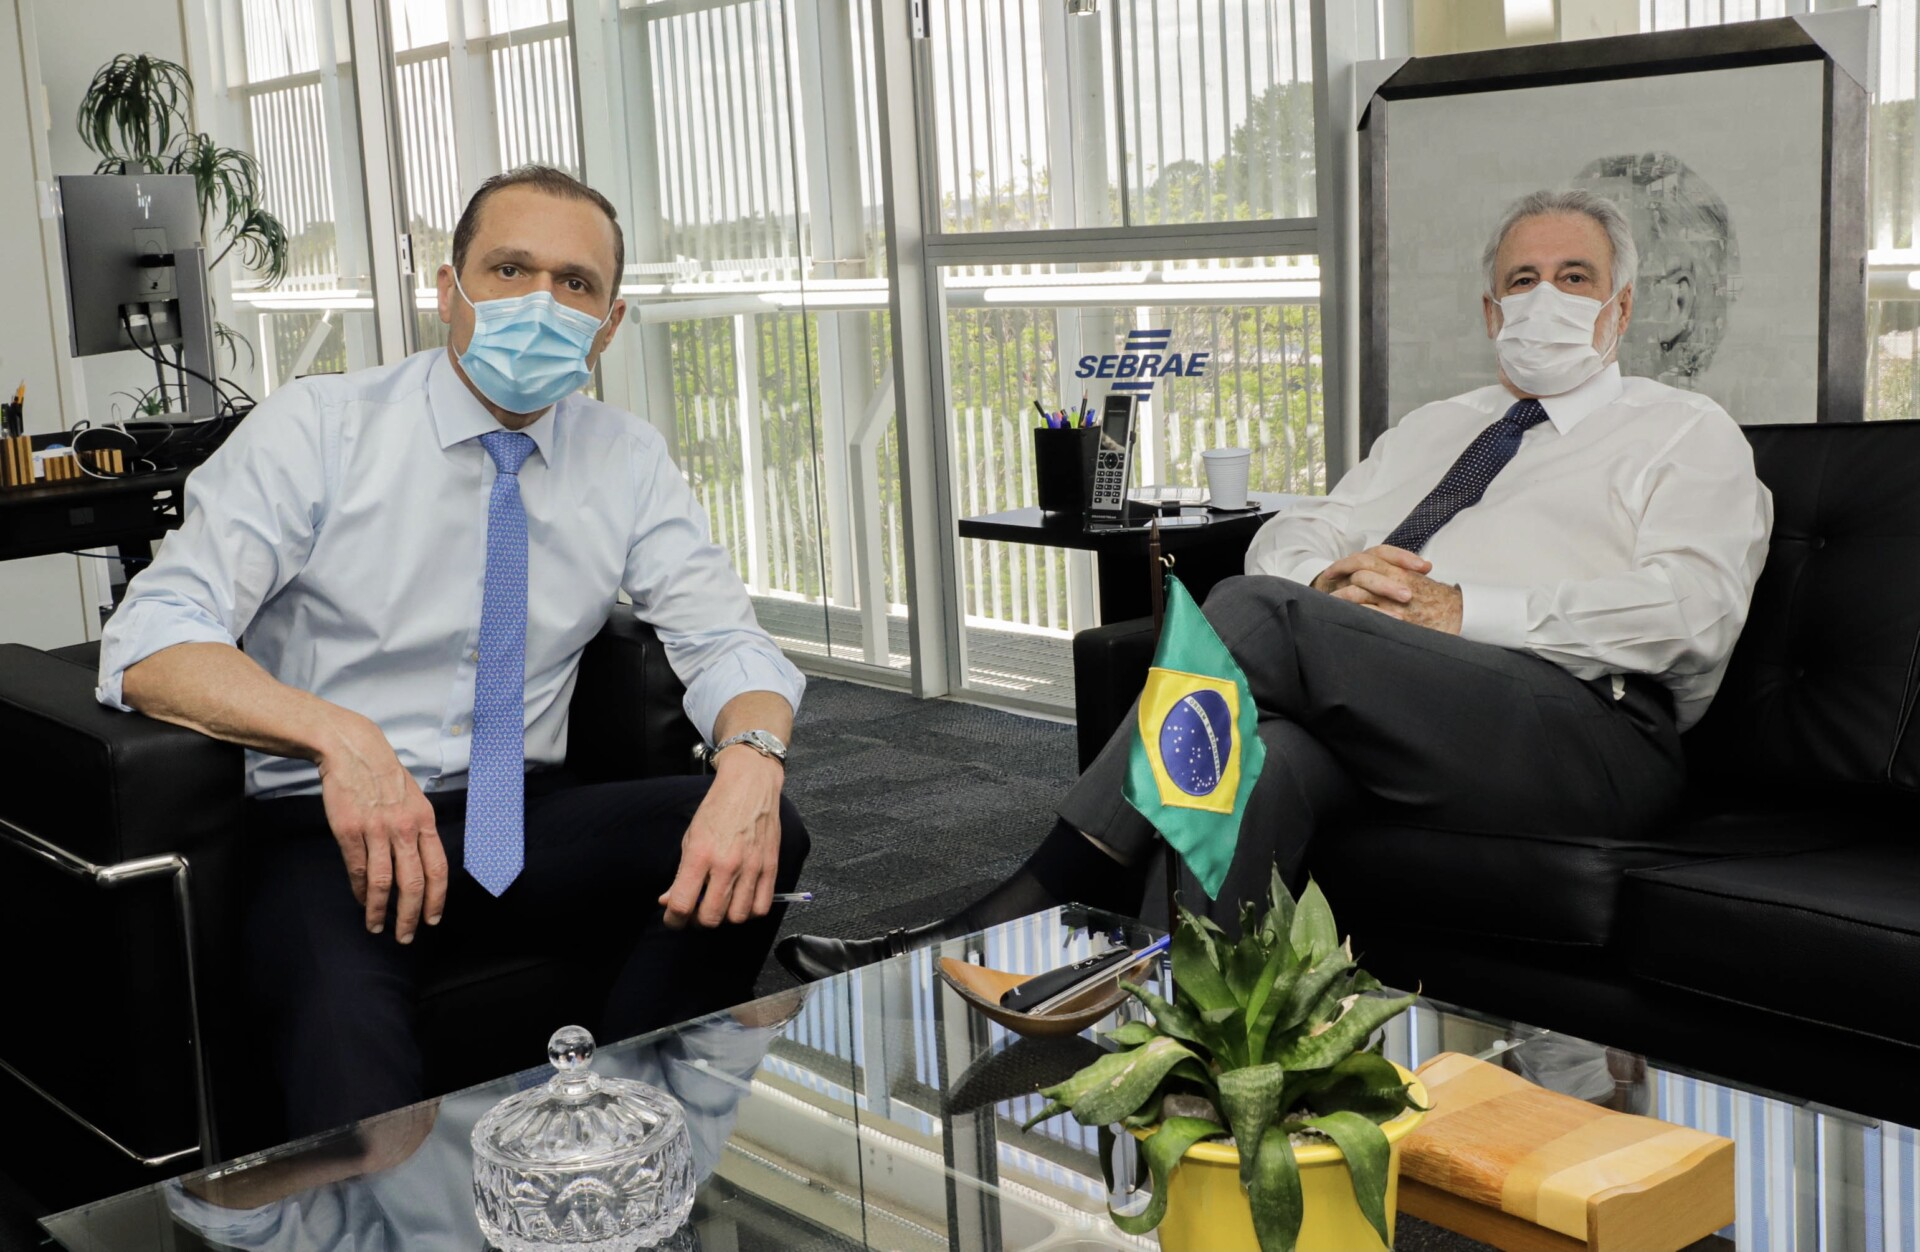 Sebrae em Rede, vital para o Sebrae Que o Brasil Precisa